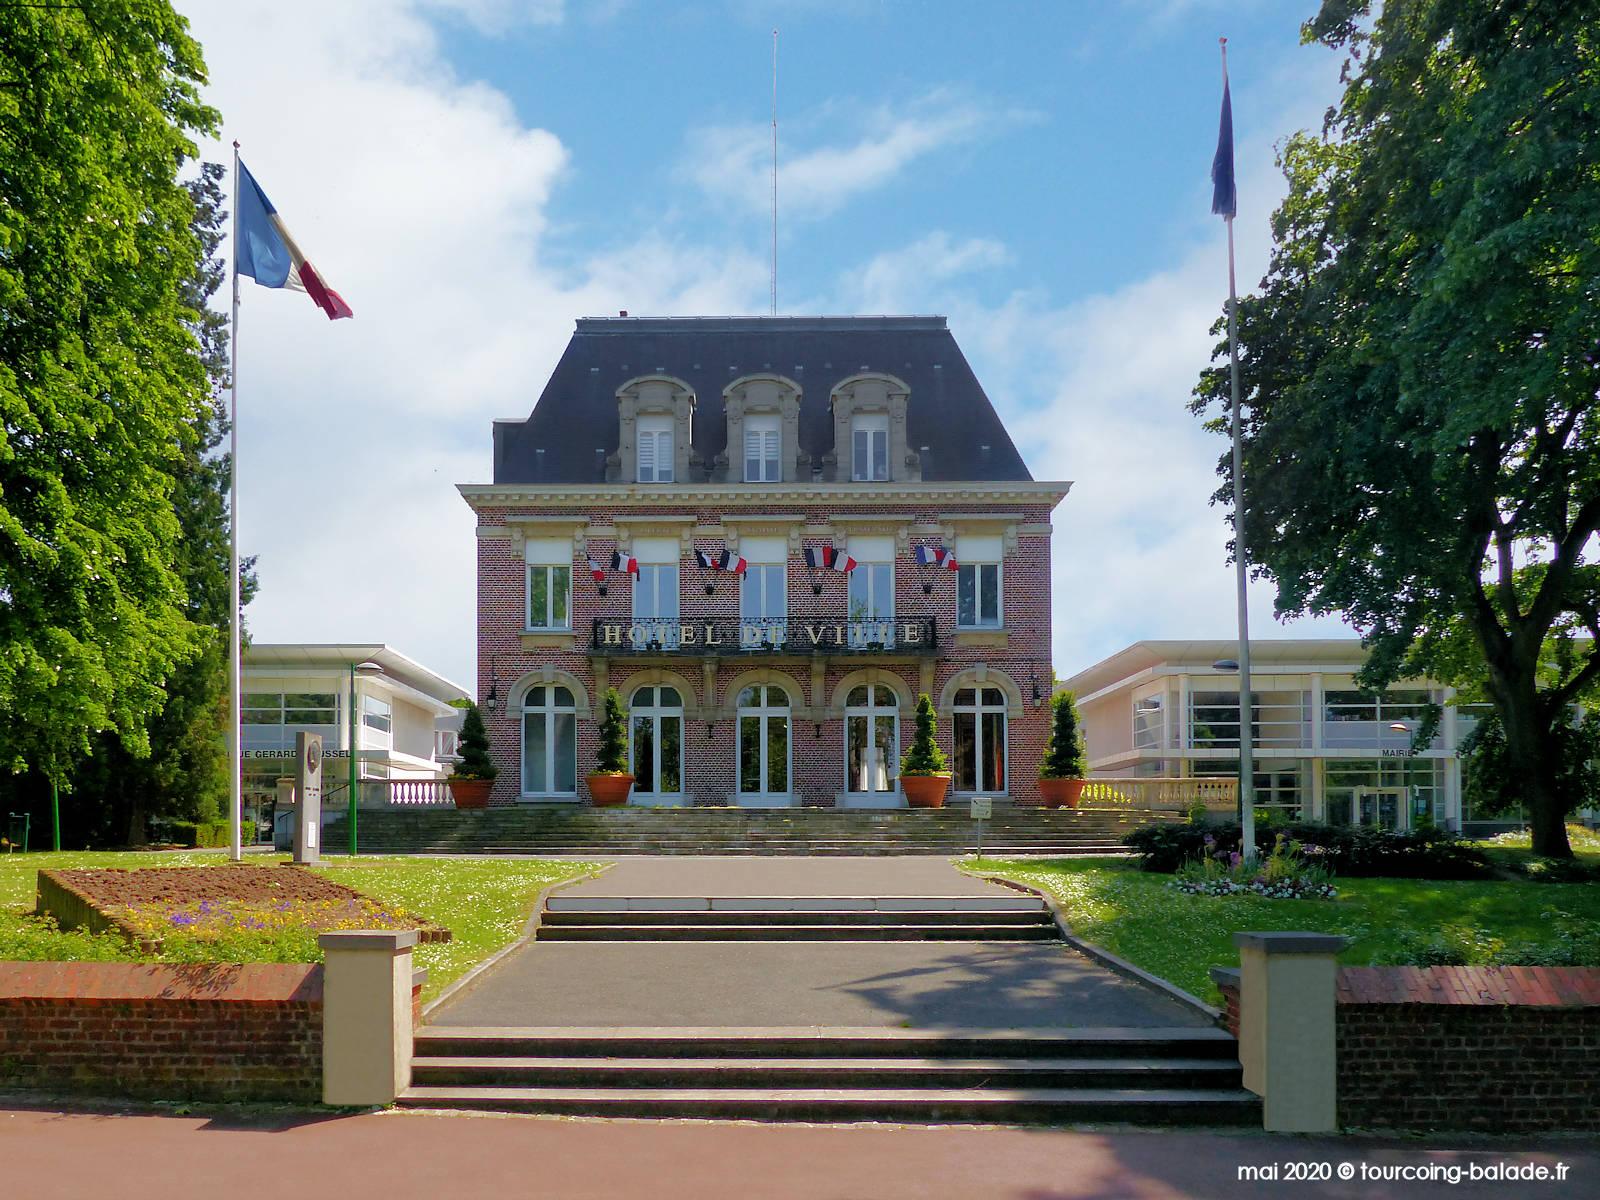 Façade de l'Hôtel de Ville de Mouvaux, 2020